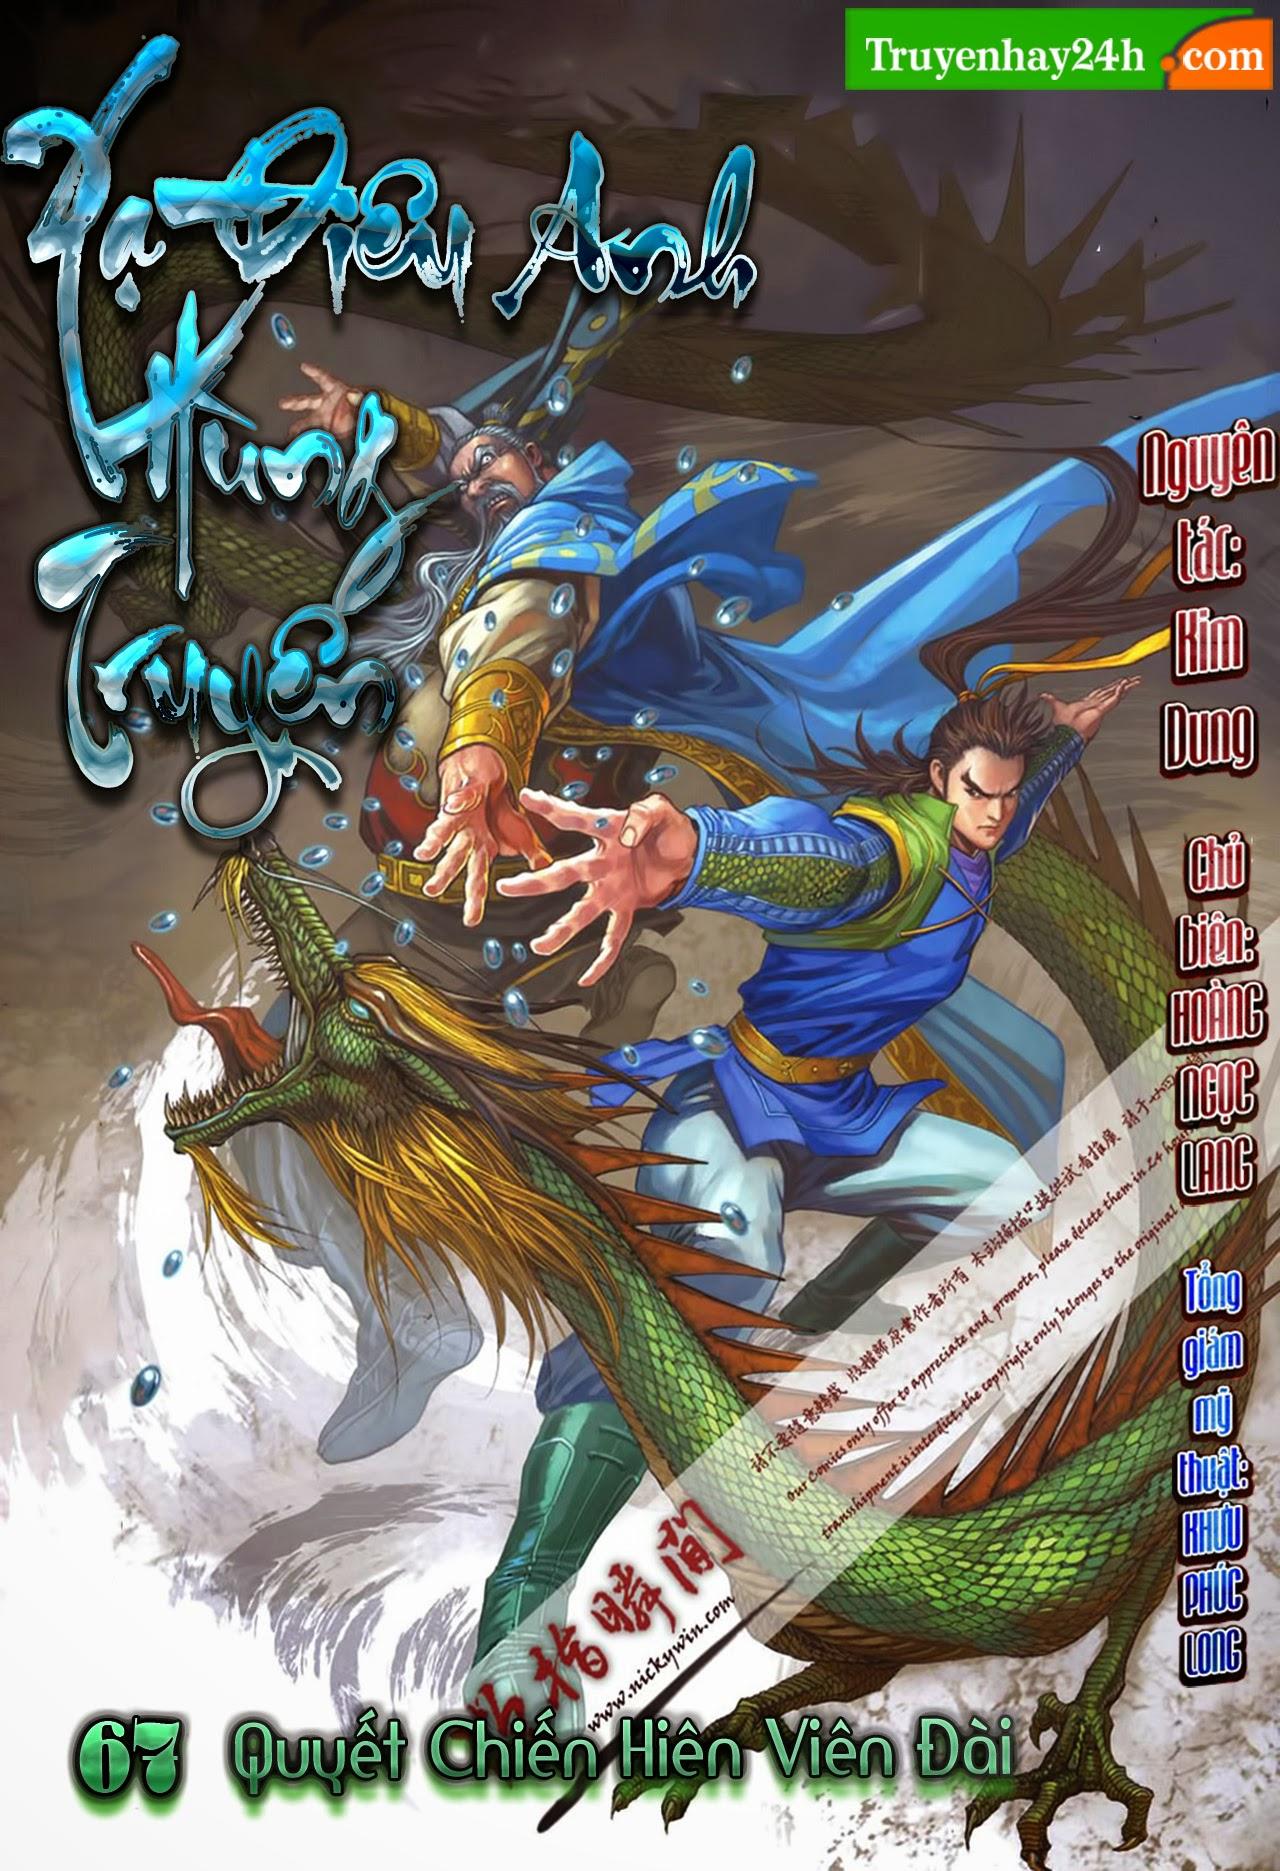 Anh Hùng Xạ Điêu anh hùng xạ đêu chap 67: quyết chiến hiên viên đài trang 1